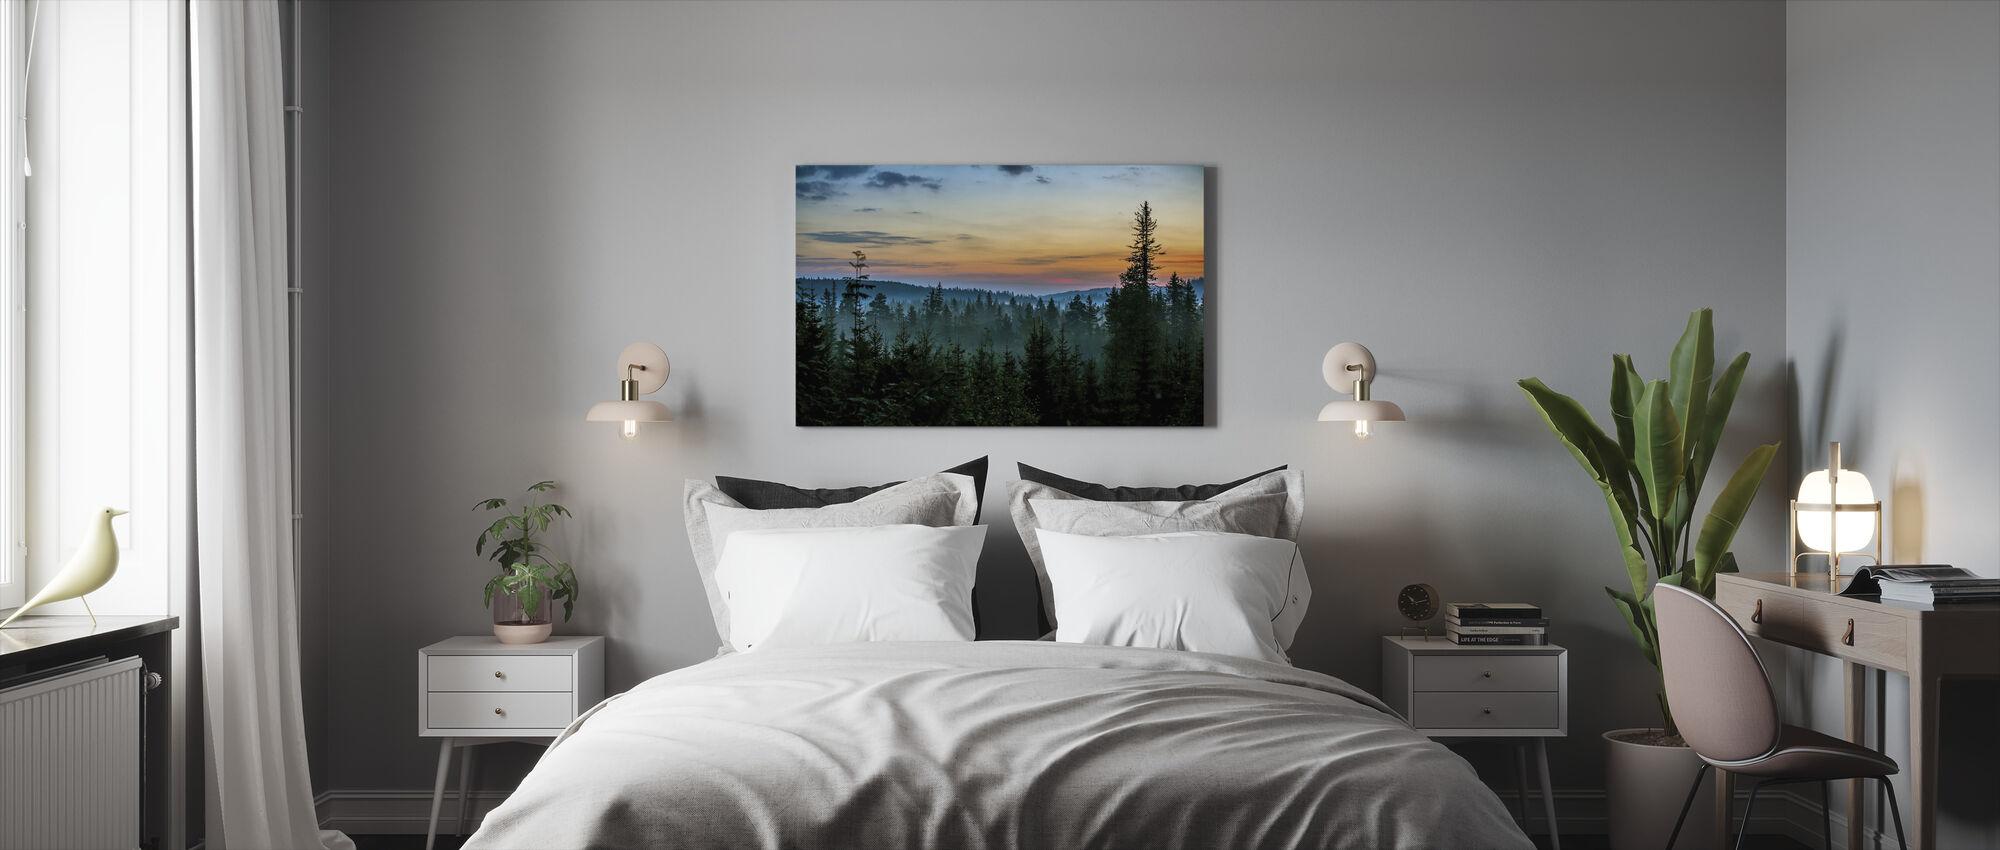 Varhain aamulla kuusen metsässä - Canvastaulu - Makuuhuone